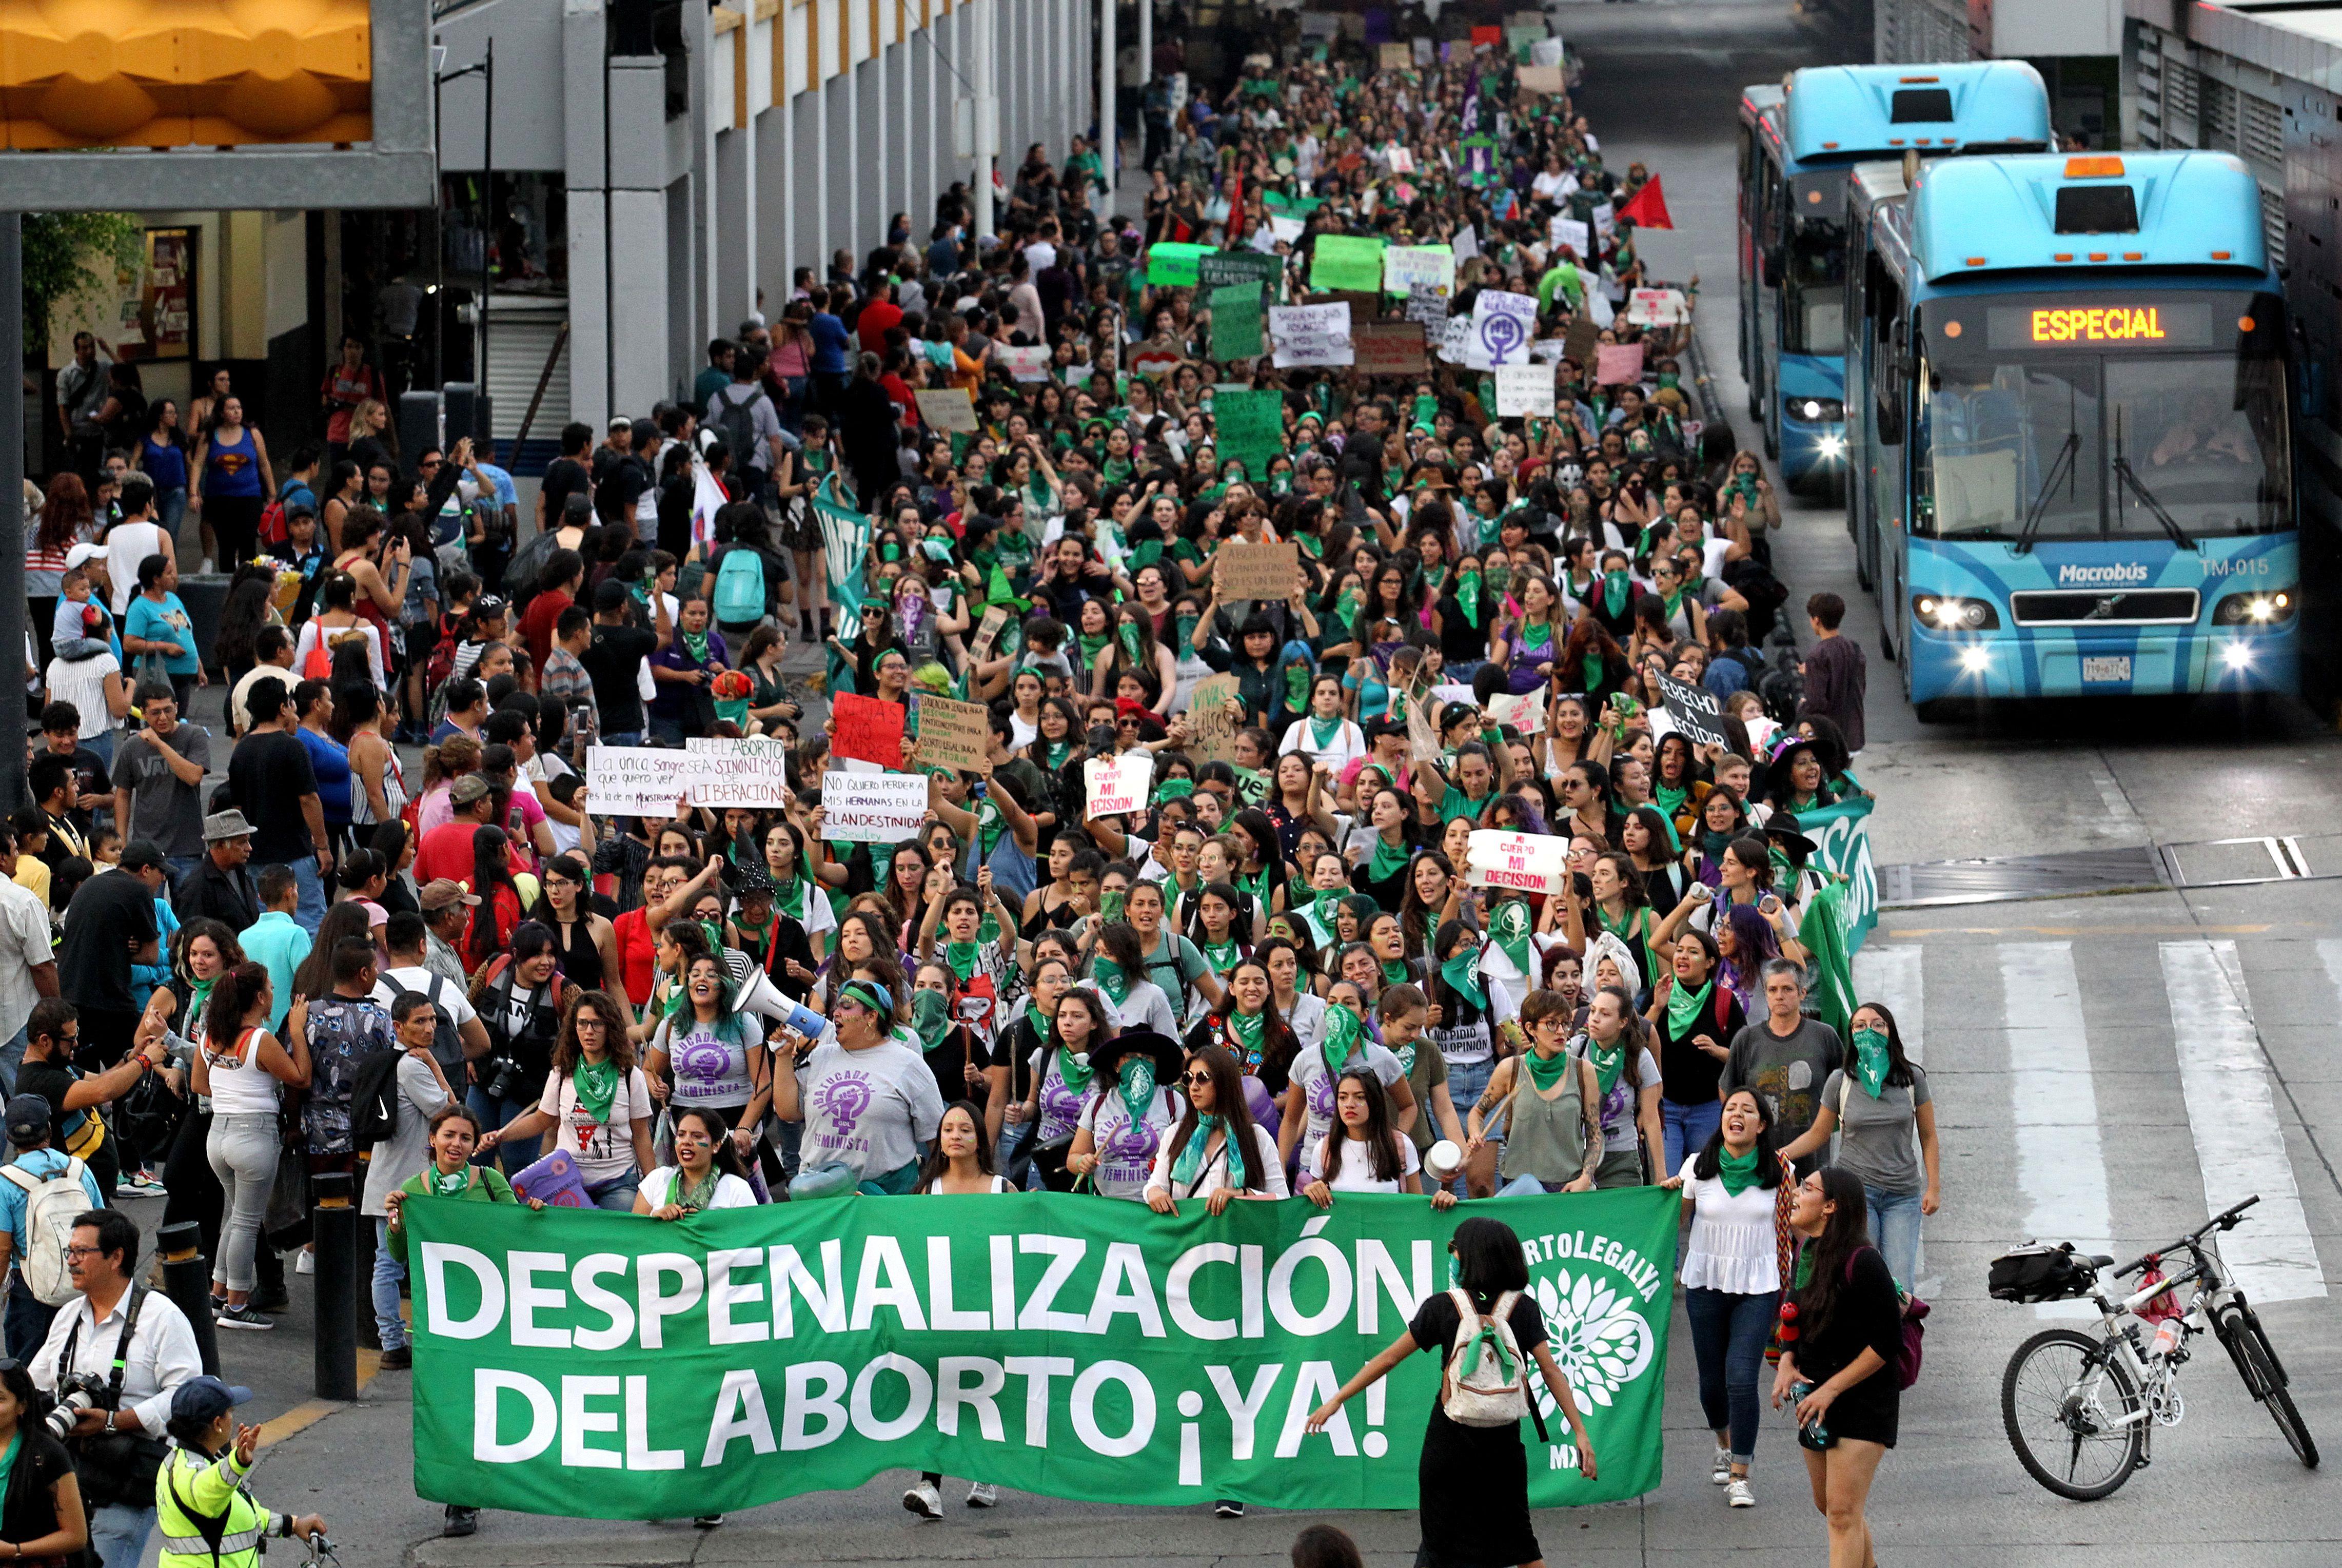 Activistas que apoyan la despenalización del aborto en México marchan en Guadalajara, México, el 28 de septiembre de 2019, durante las actividades en el marco del Día Internacional del Aborto Seguro. (Foto: Ulises Ruiz / AFP)